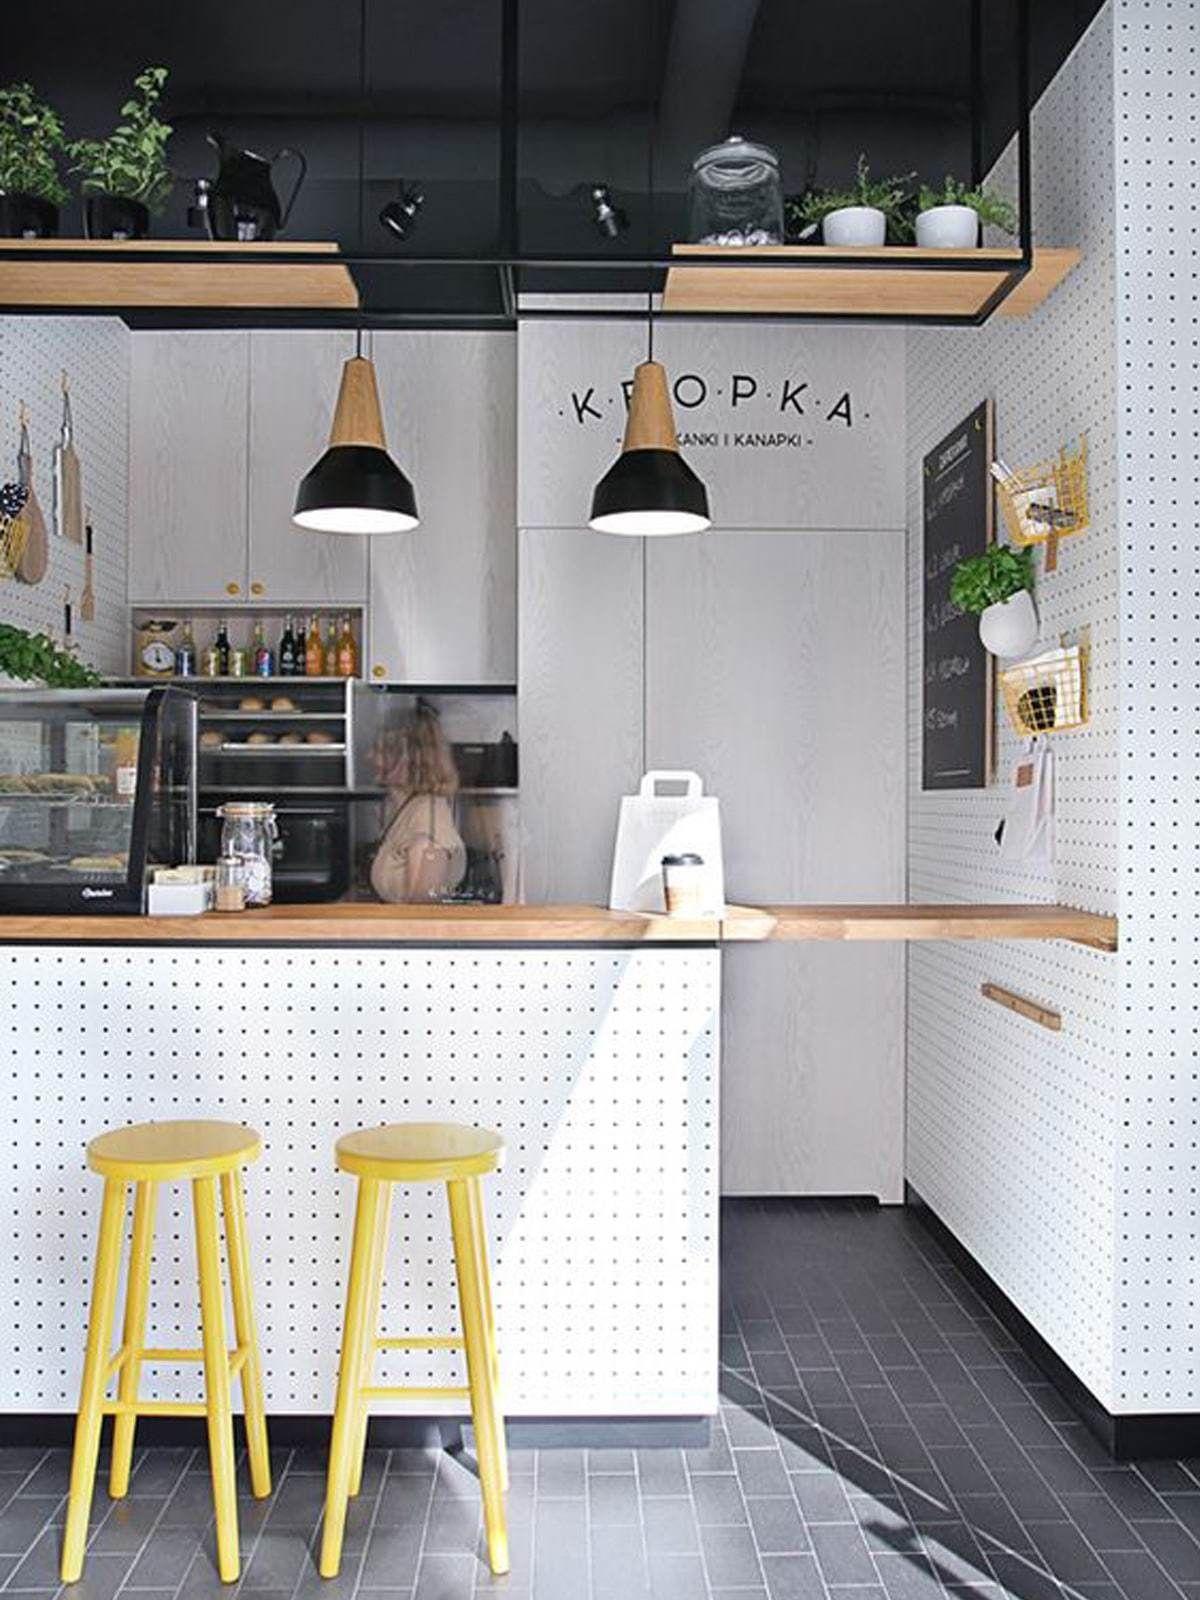 Gastronomie Beleuchtung Teil 2 Designort Com Cafe Interieur Restaurant Interieur Ladeninneneinrichtung